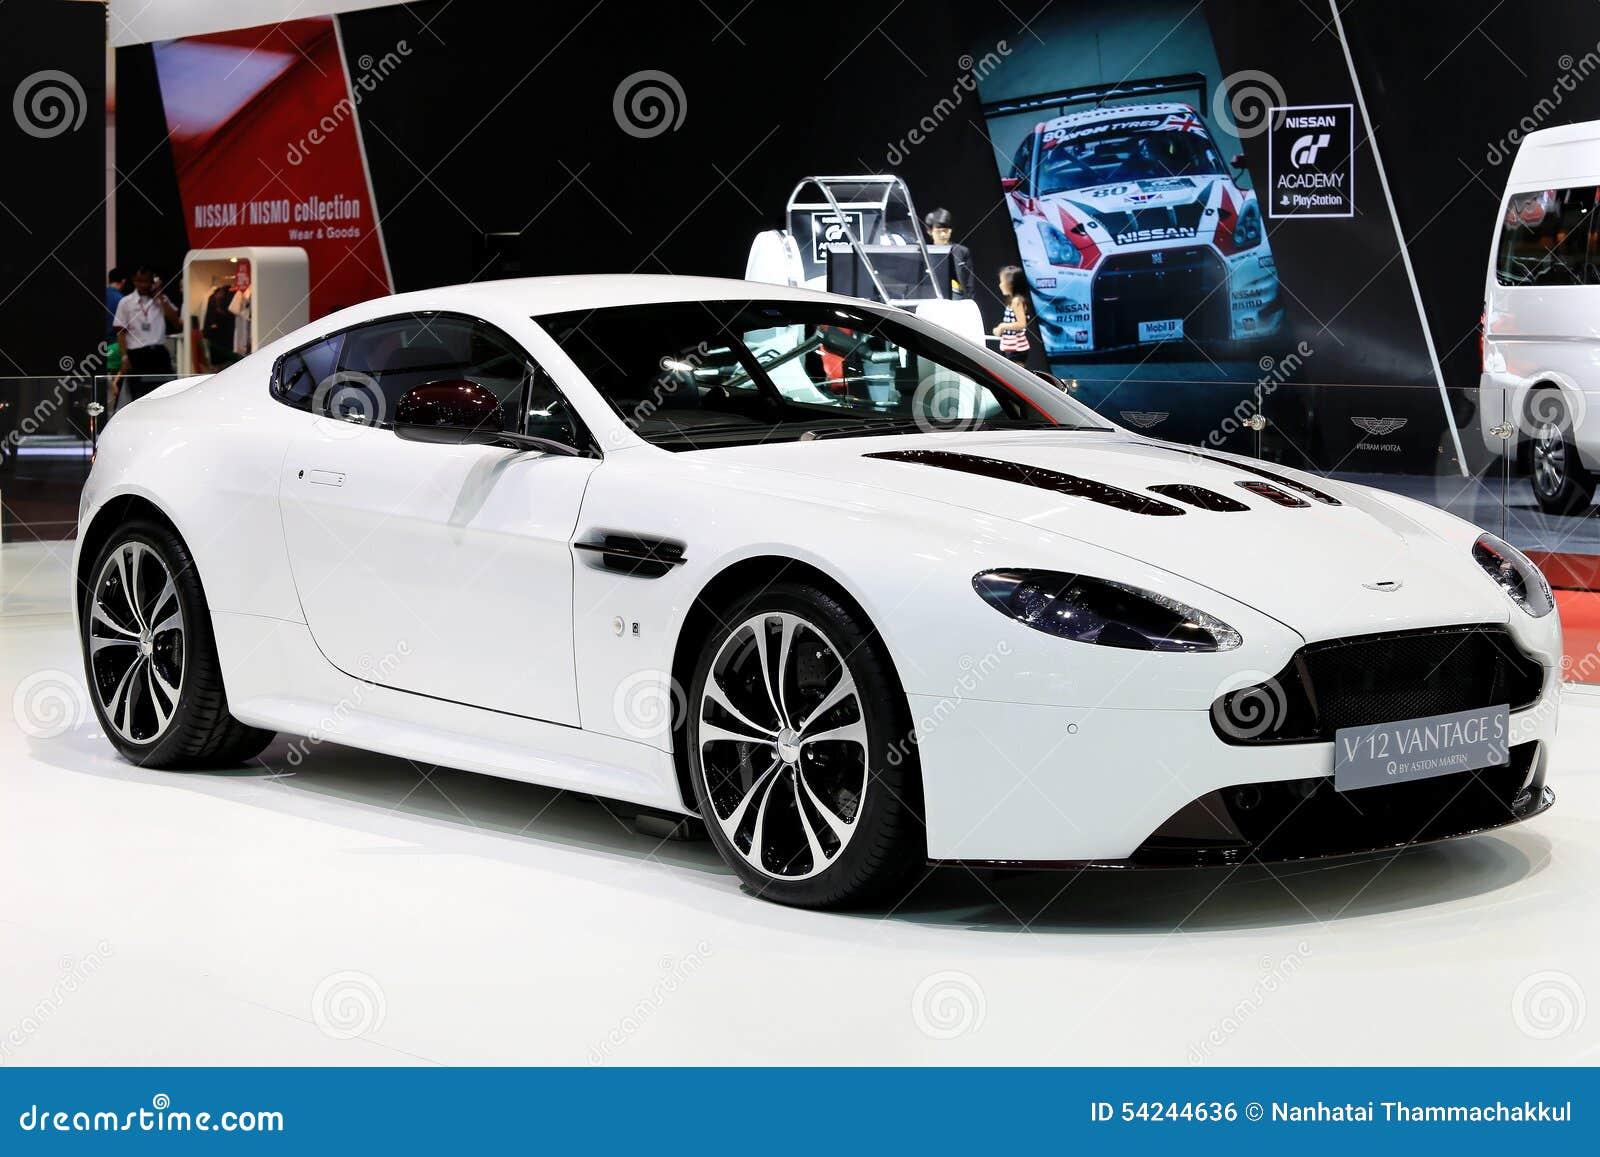 White Aston Martin Series V12 Vantage S Editorial Photo